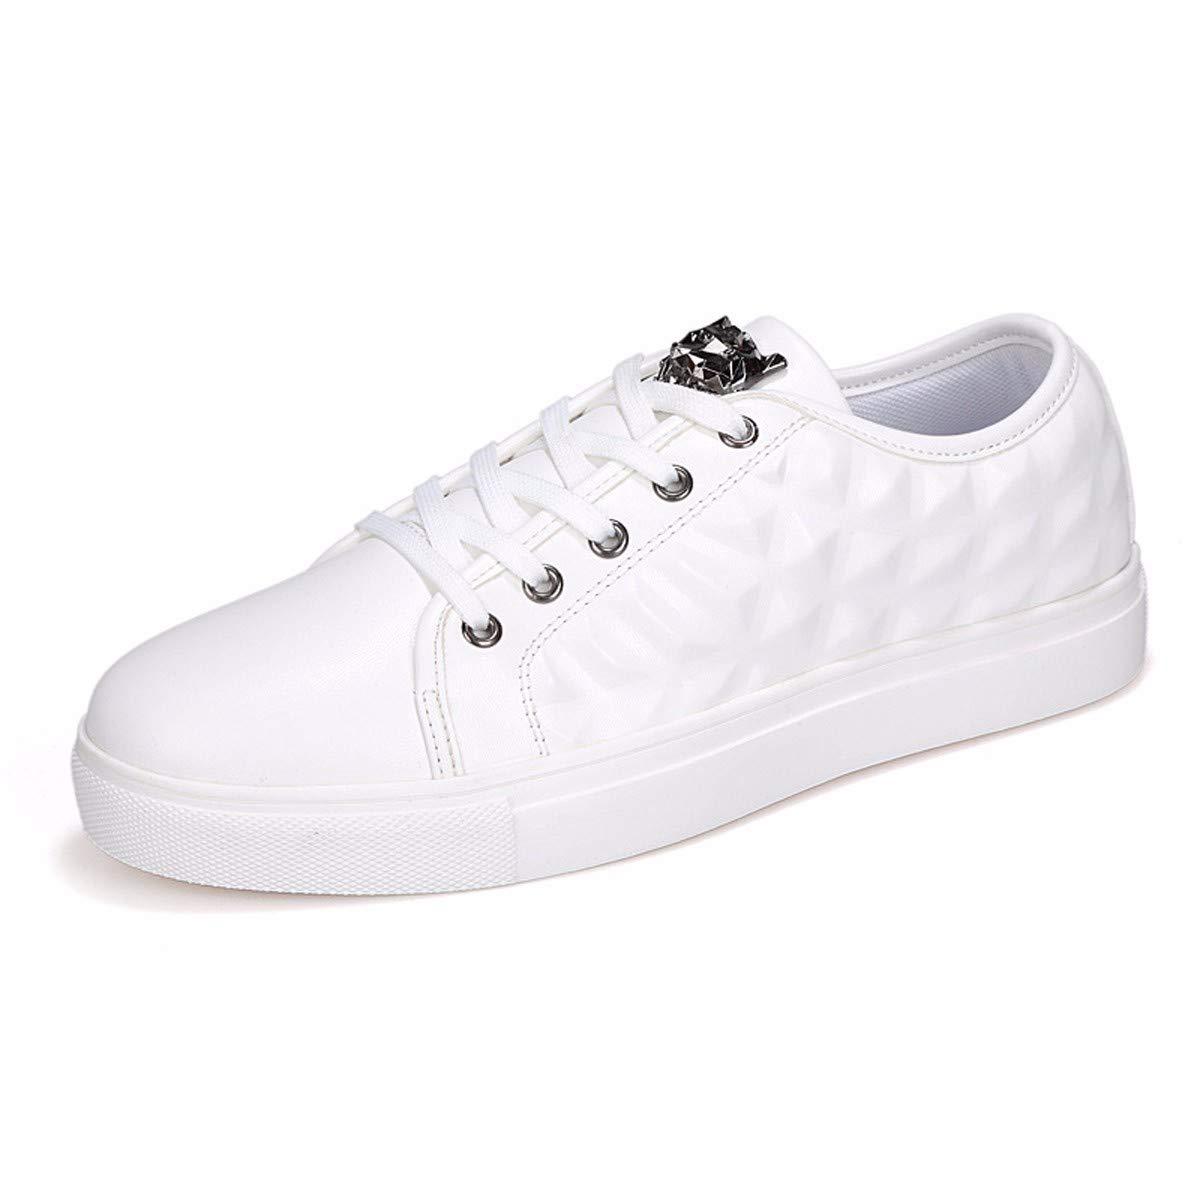 KMJBS-Männer An Bord Code.Weiße Schuhe Herbst Freizeit Konvexe Trend Große Code.Weiße Bord 39 b50f05